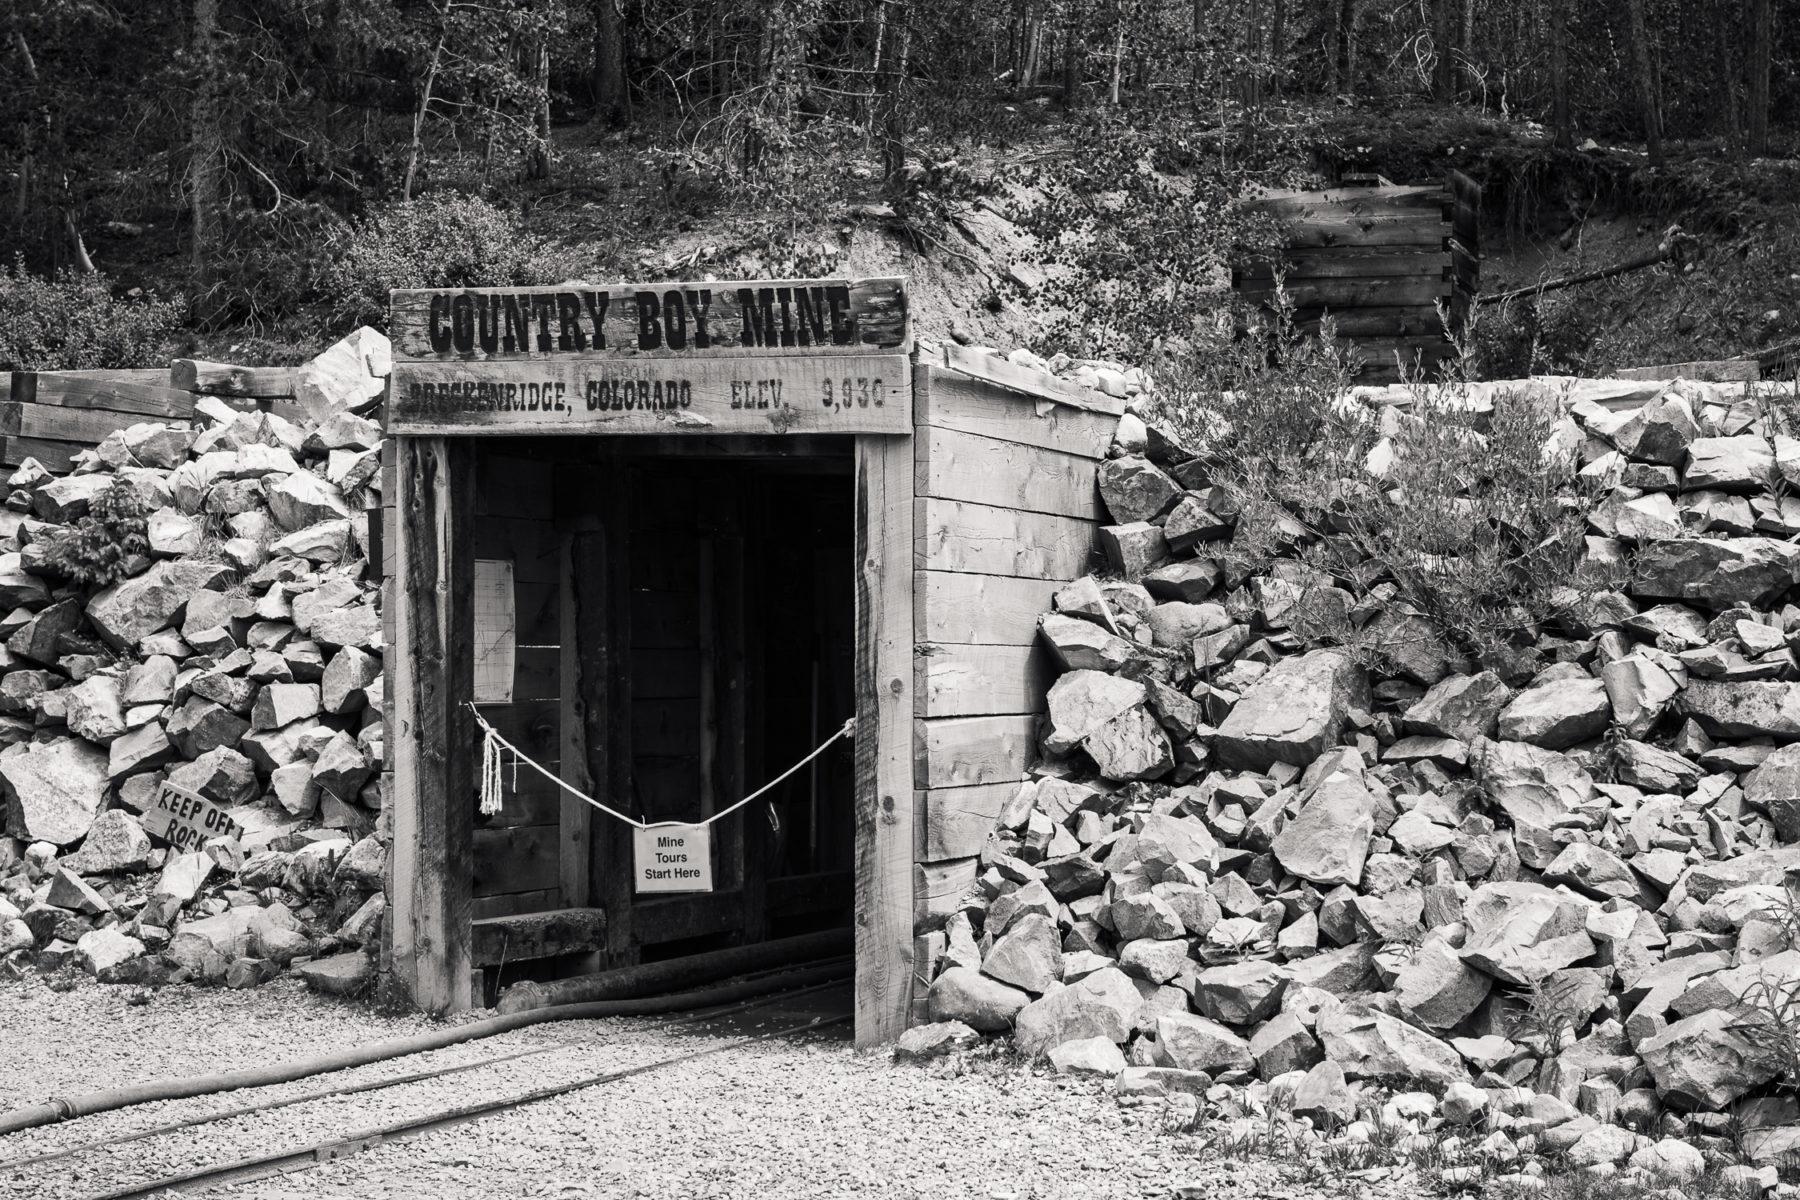 Country Boy Mine entrance in Breckenridge Colorado